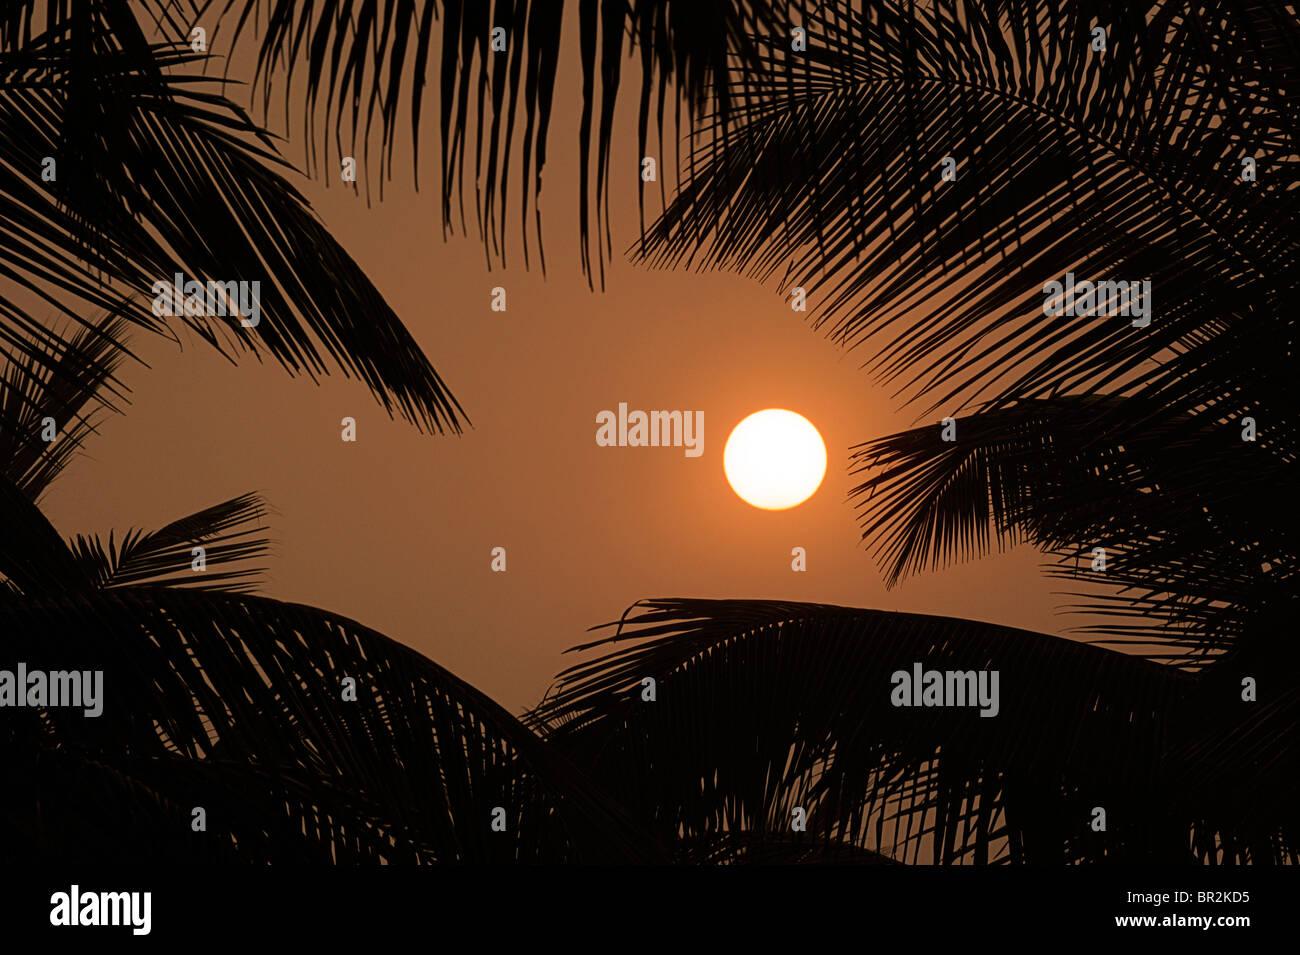 Sun, golden sky e stagliano palme. Tramonto indiano Immagini Stock